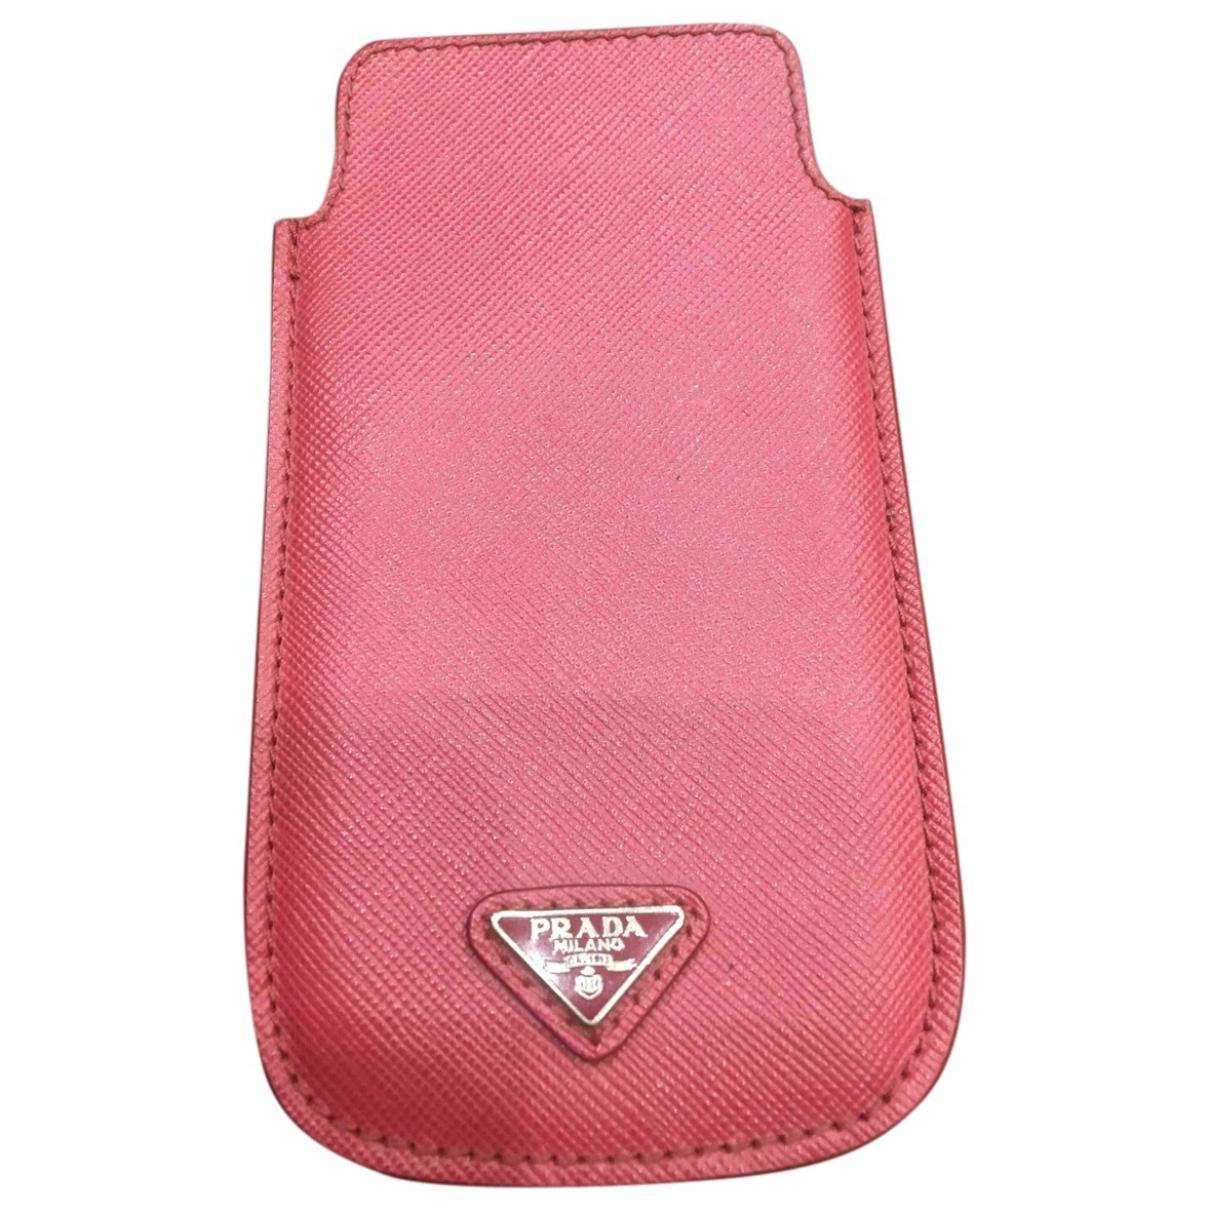 Prada - Accessoires   pour lifestyle en cuir - rose